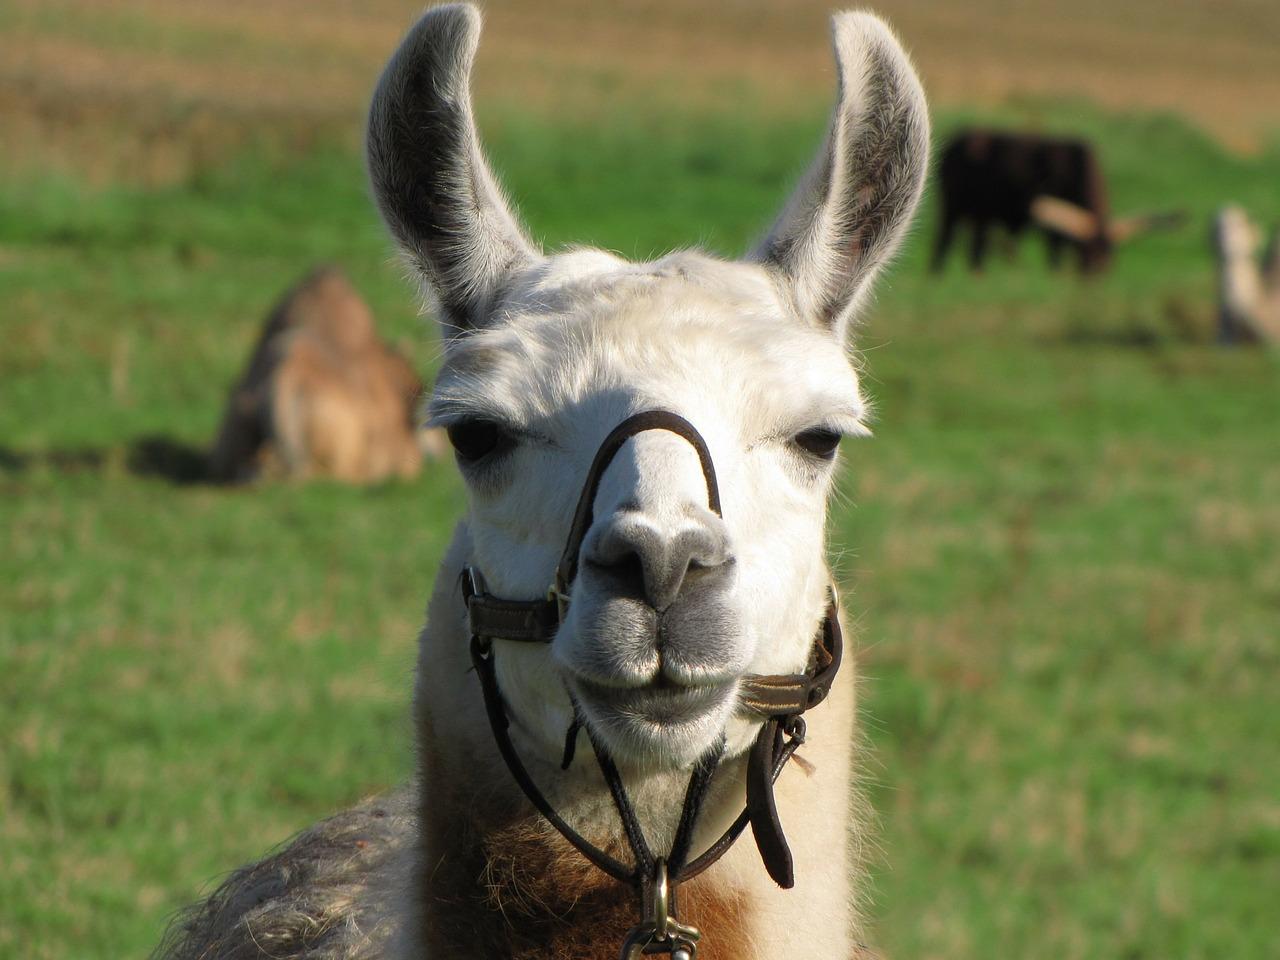 Lamas werden mittlerweile auch bei uns als Nutztiere gehalten. |Foto: ©PublicDomainPictures/pixabay